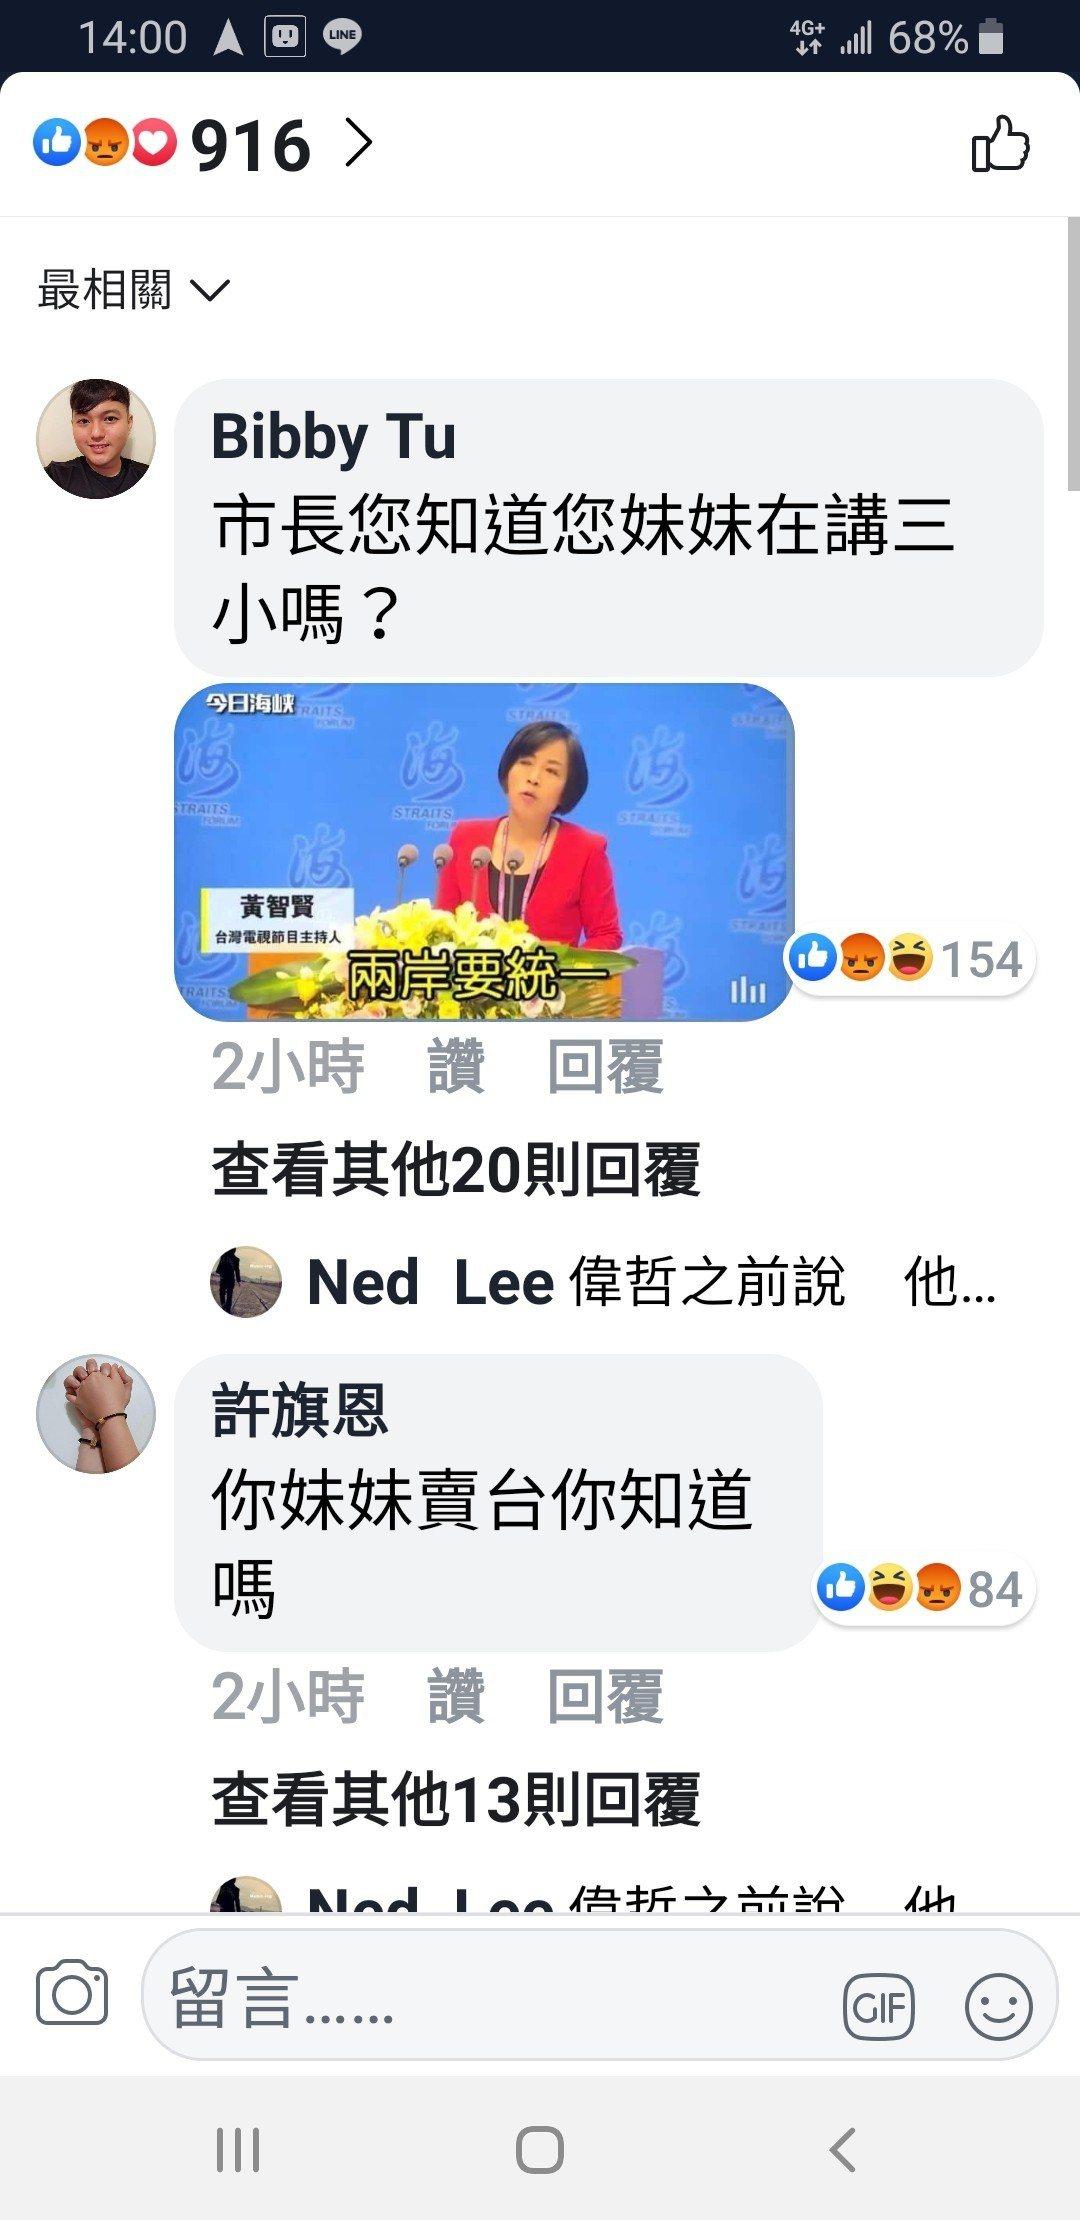 網友在黃偉哲的臉書留言罵得相當難聽。圖/取自網路